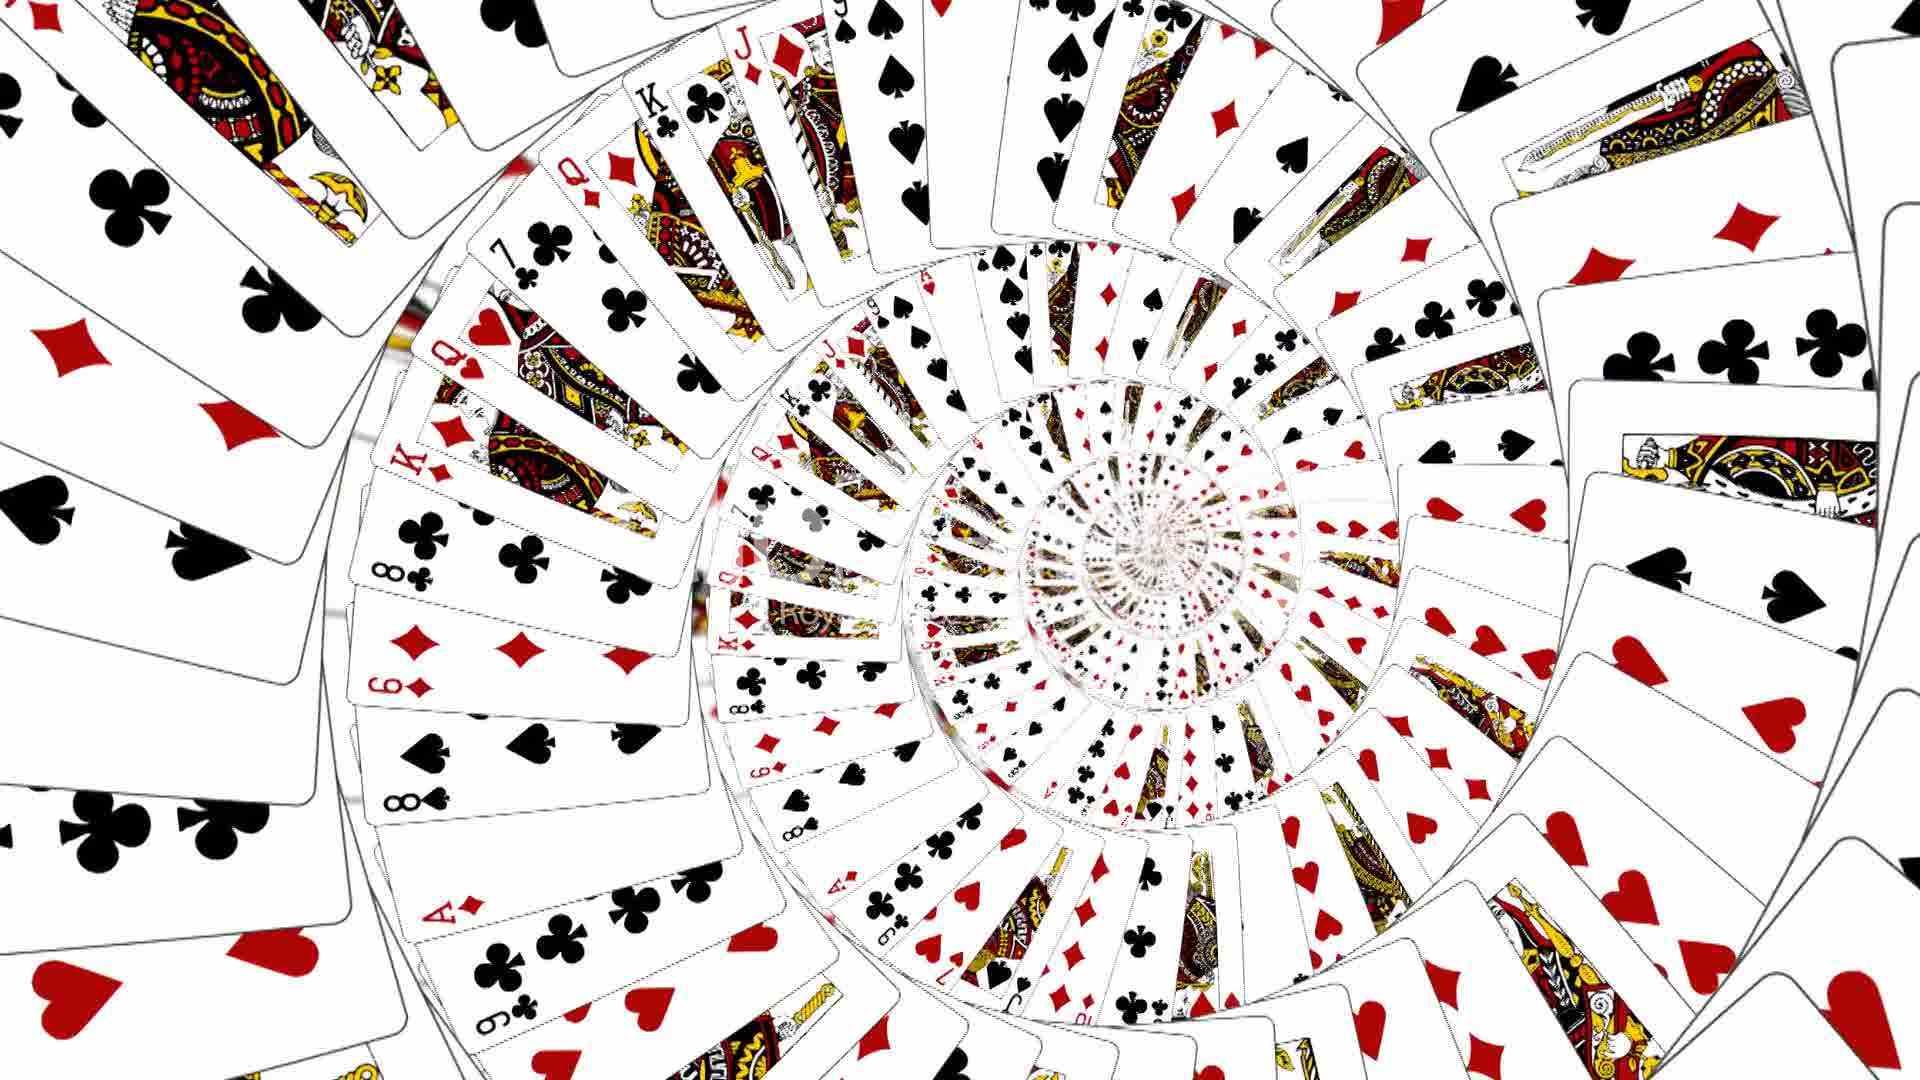 69 Playing Cards Wallpaper On Wallpapersafari